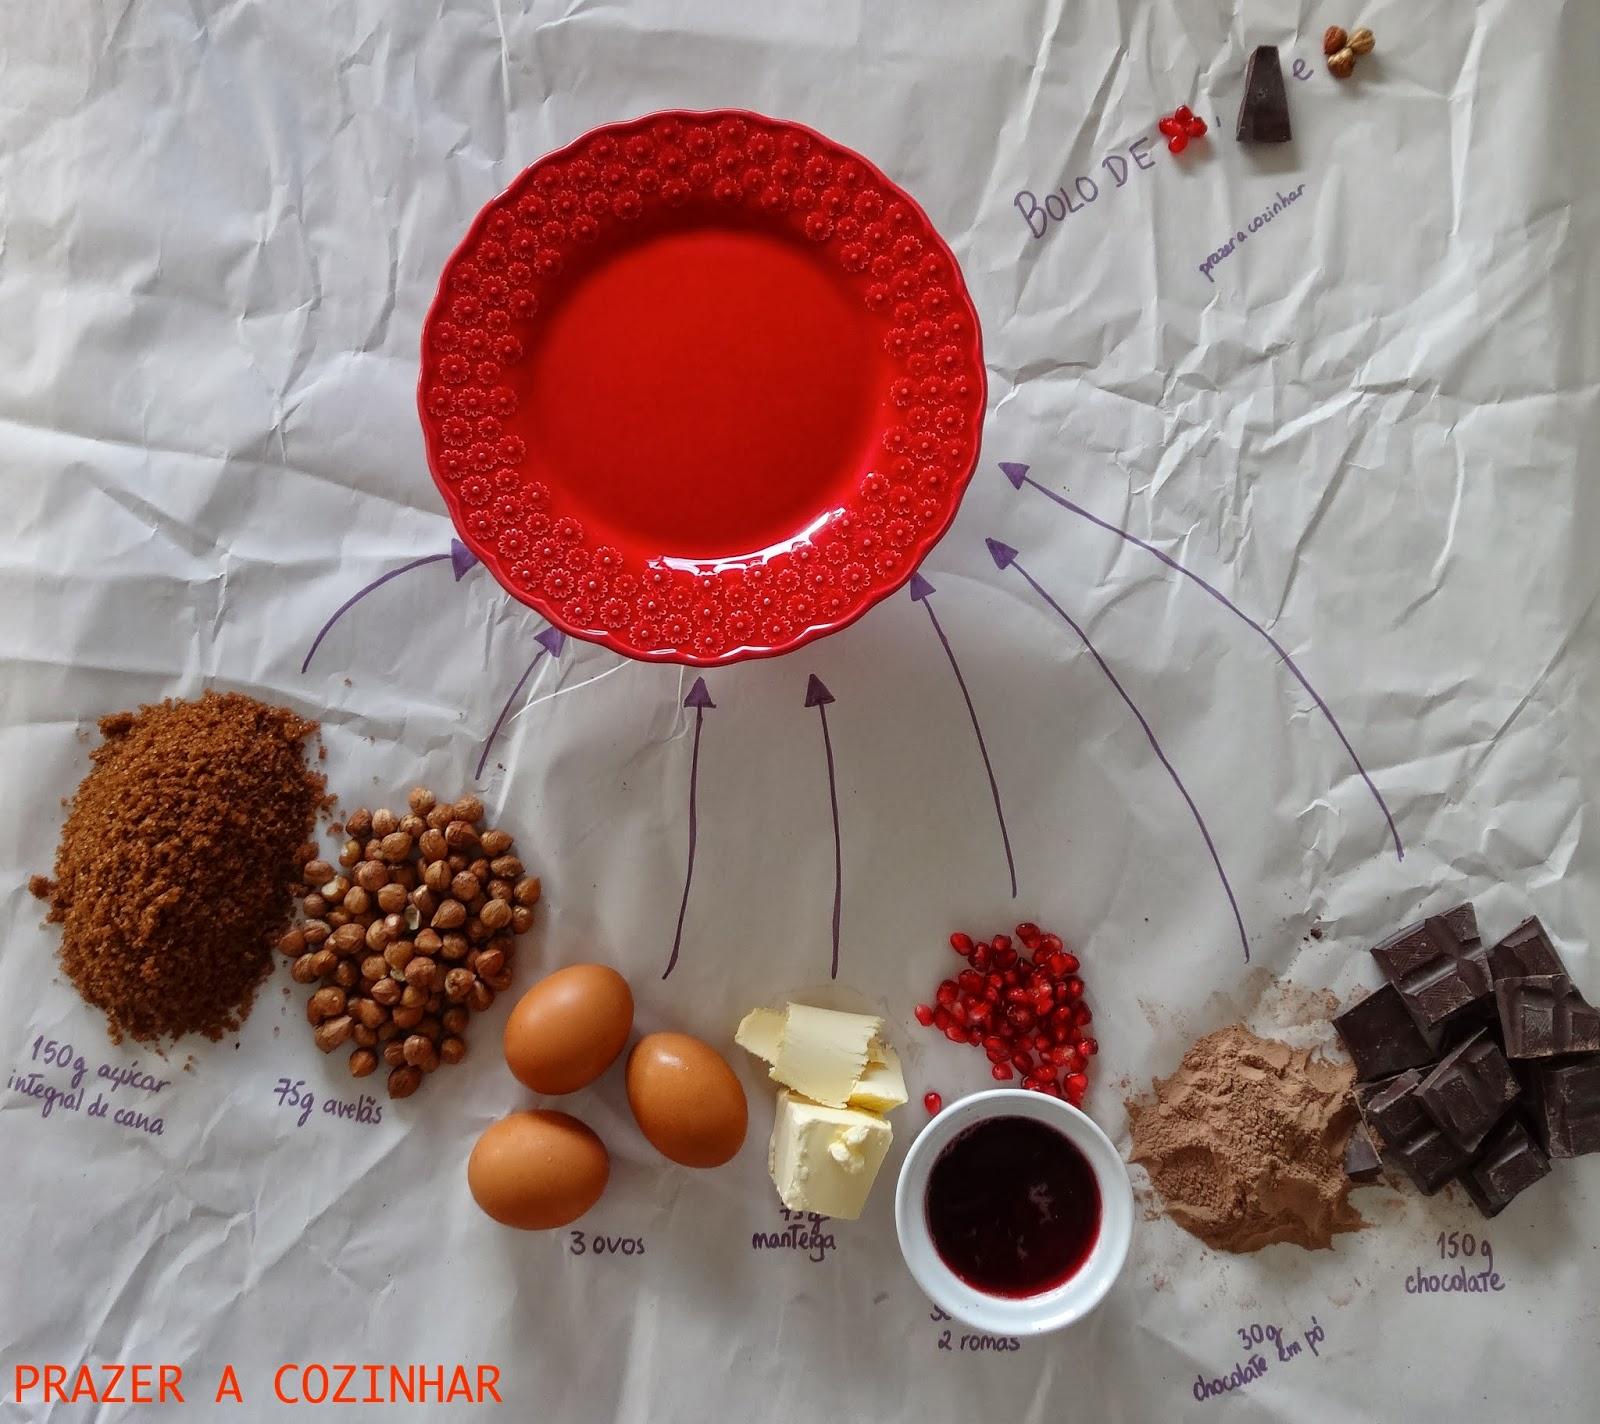 prazer a cozinhar - Bolo de romã, chocolate e avelãs